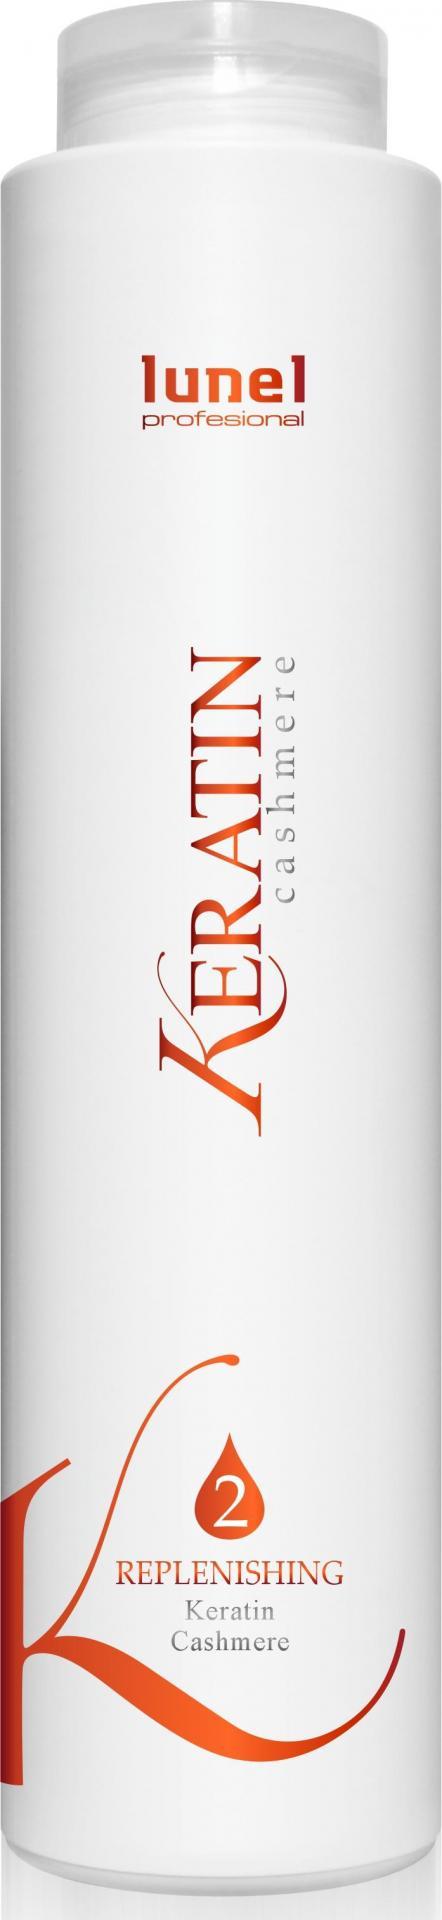 """Keratin Cashmere """"Replenishing"""" (400ml)"""